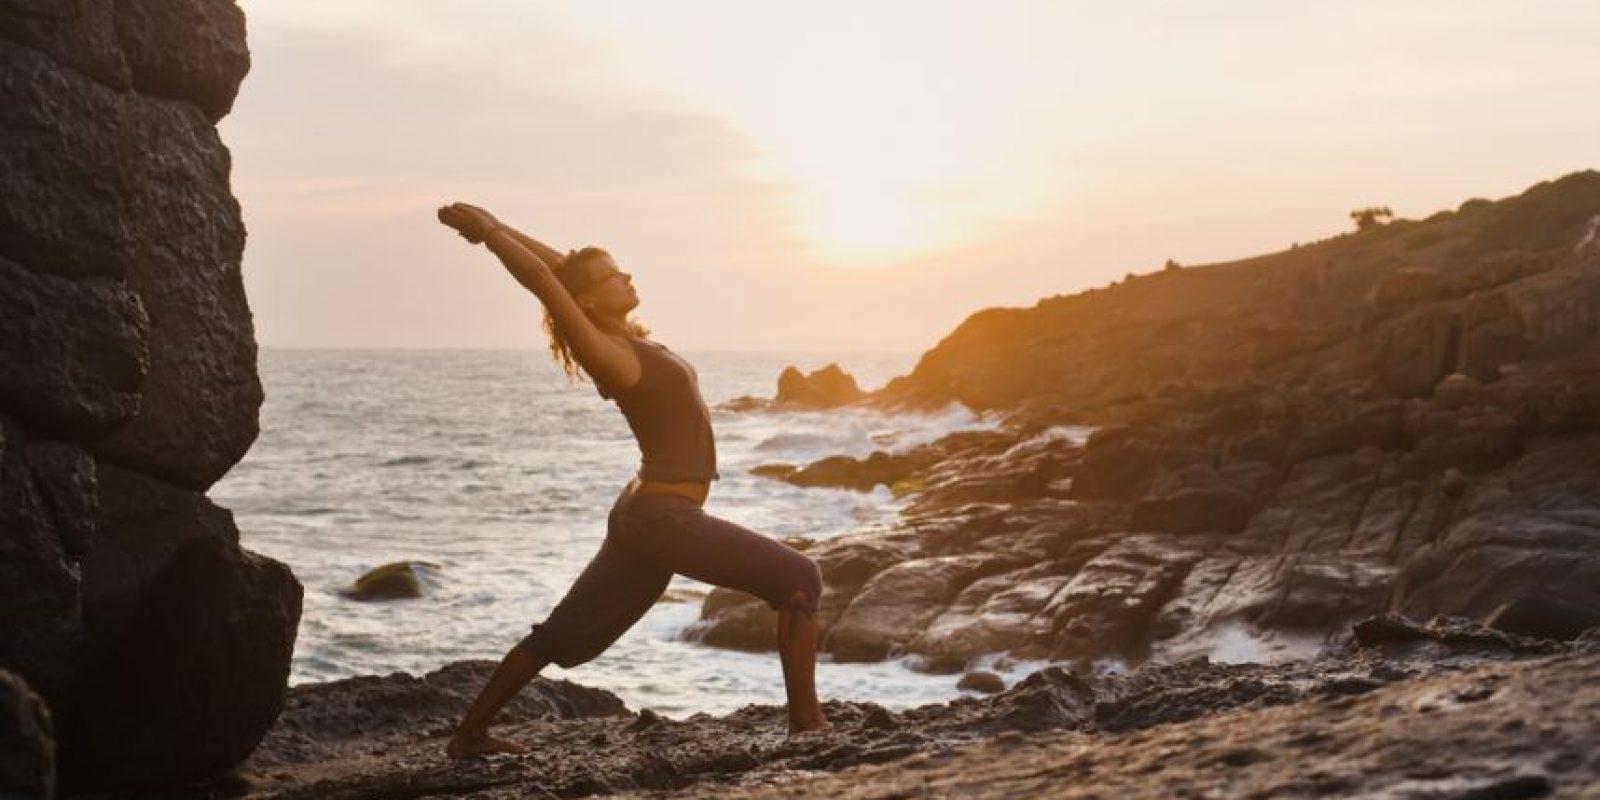 Investigadores de la Escuela Médica de Harvard destacan que la repetición de las posturas durante al menos doce semanas aumenta el deseo, la excitación, la lubricación y el número de orgasmos en mujeres de 22 a 55 años.